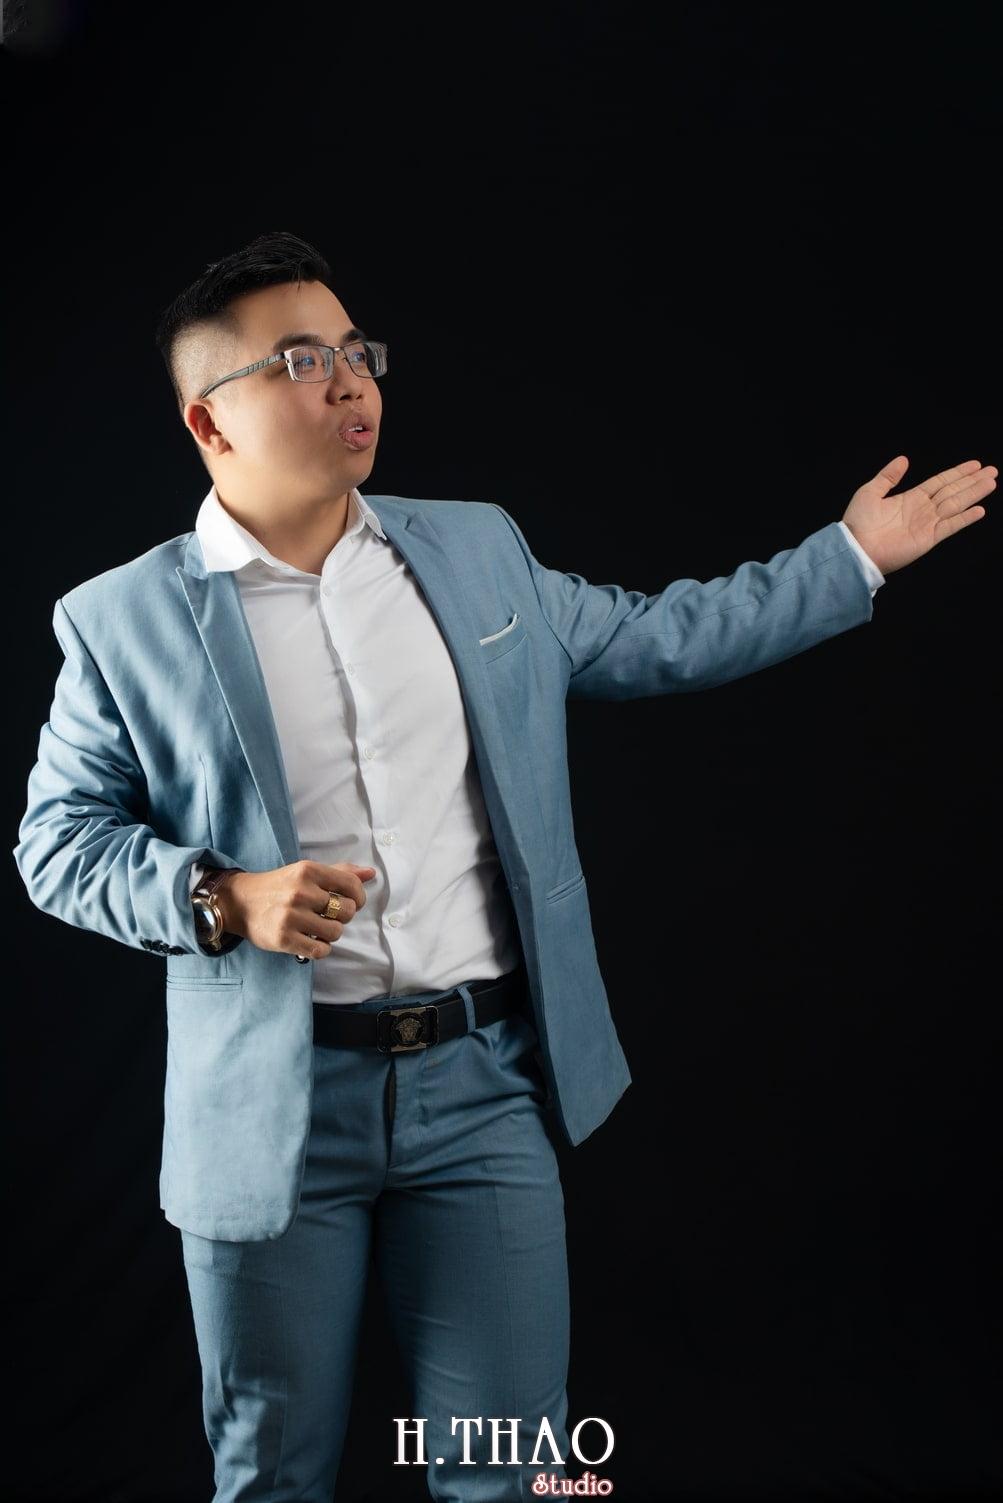 Ảnh doanh nhân giáo sư